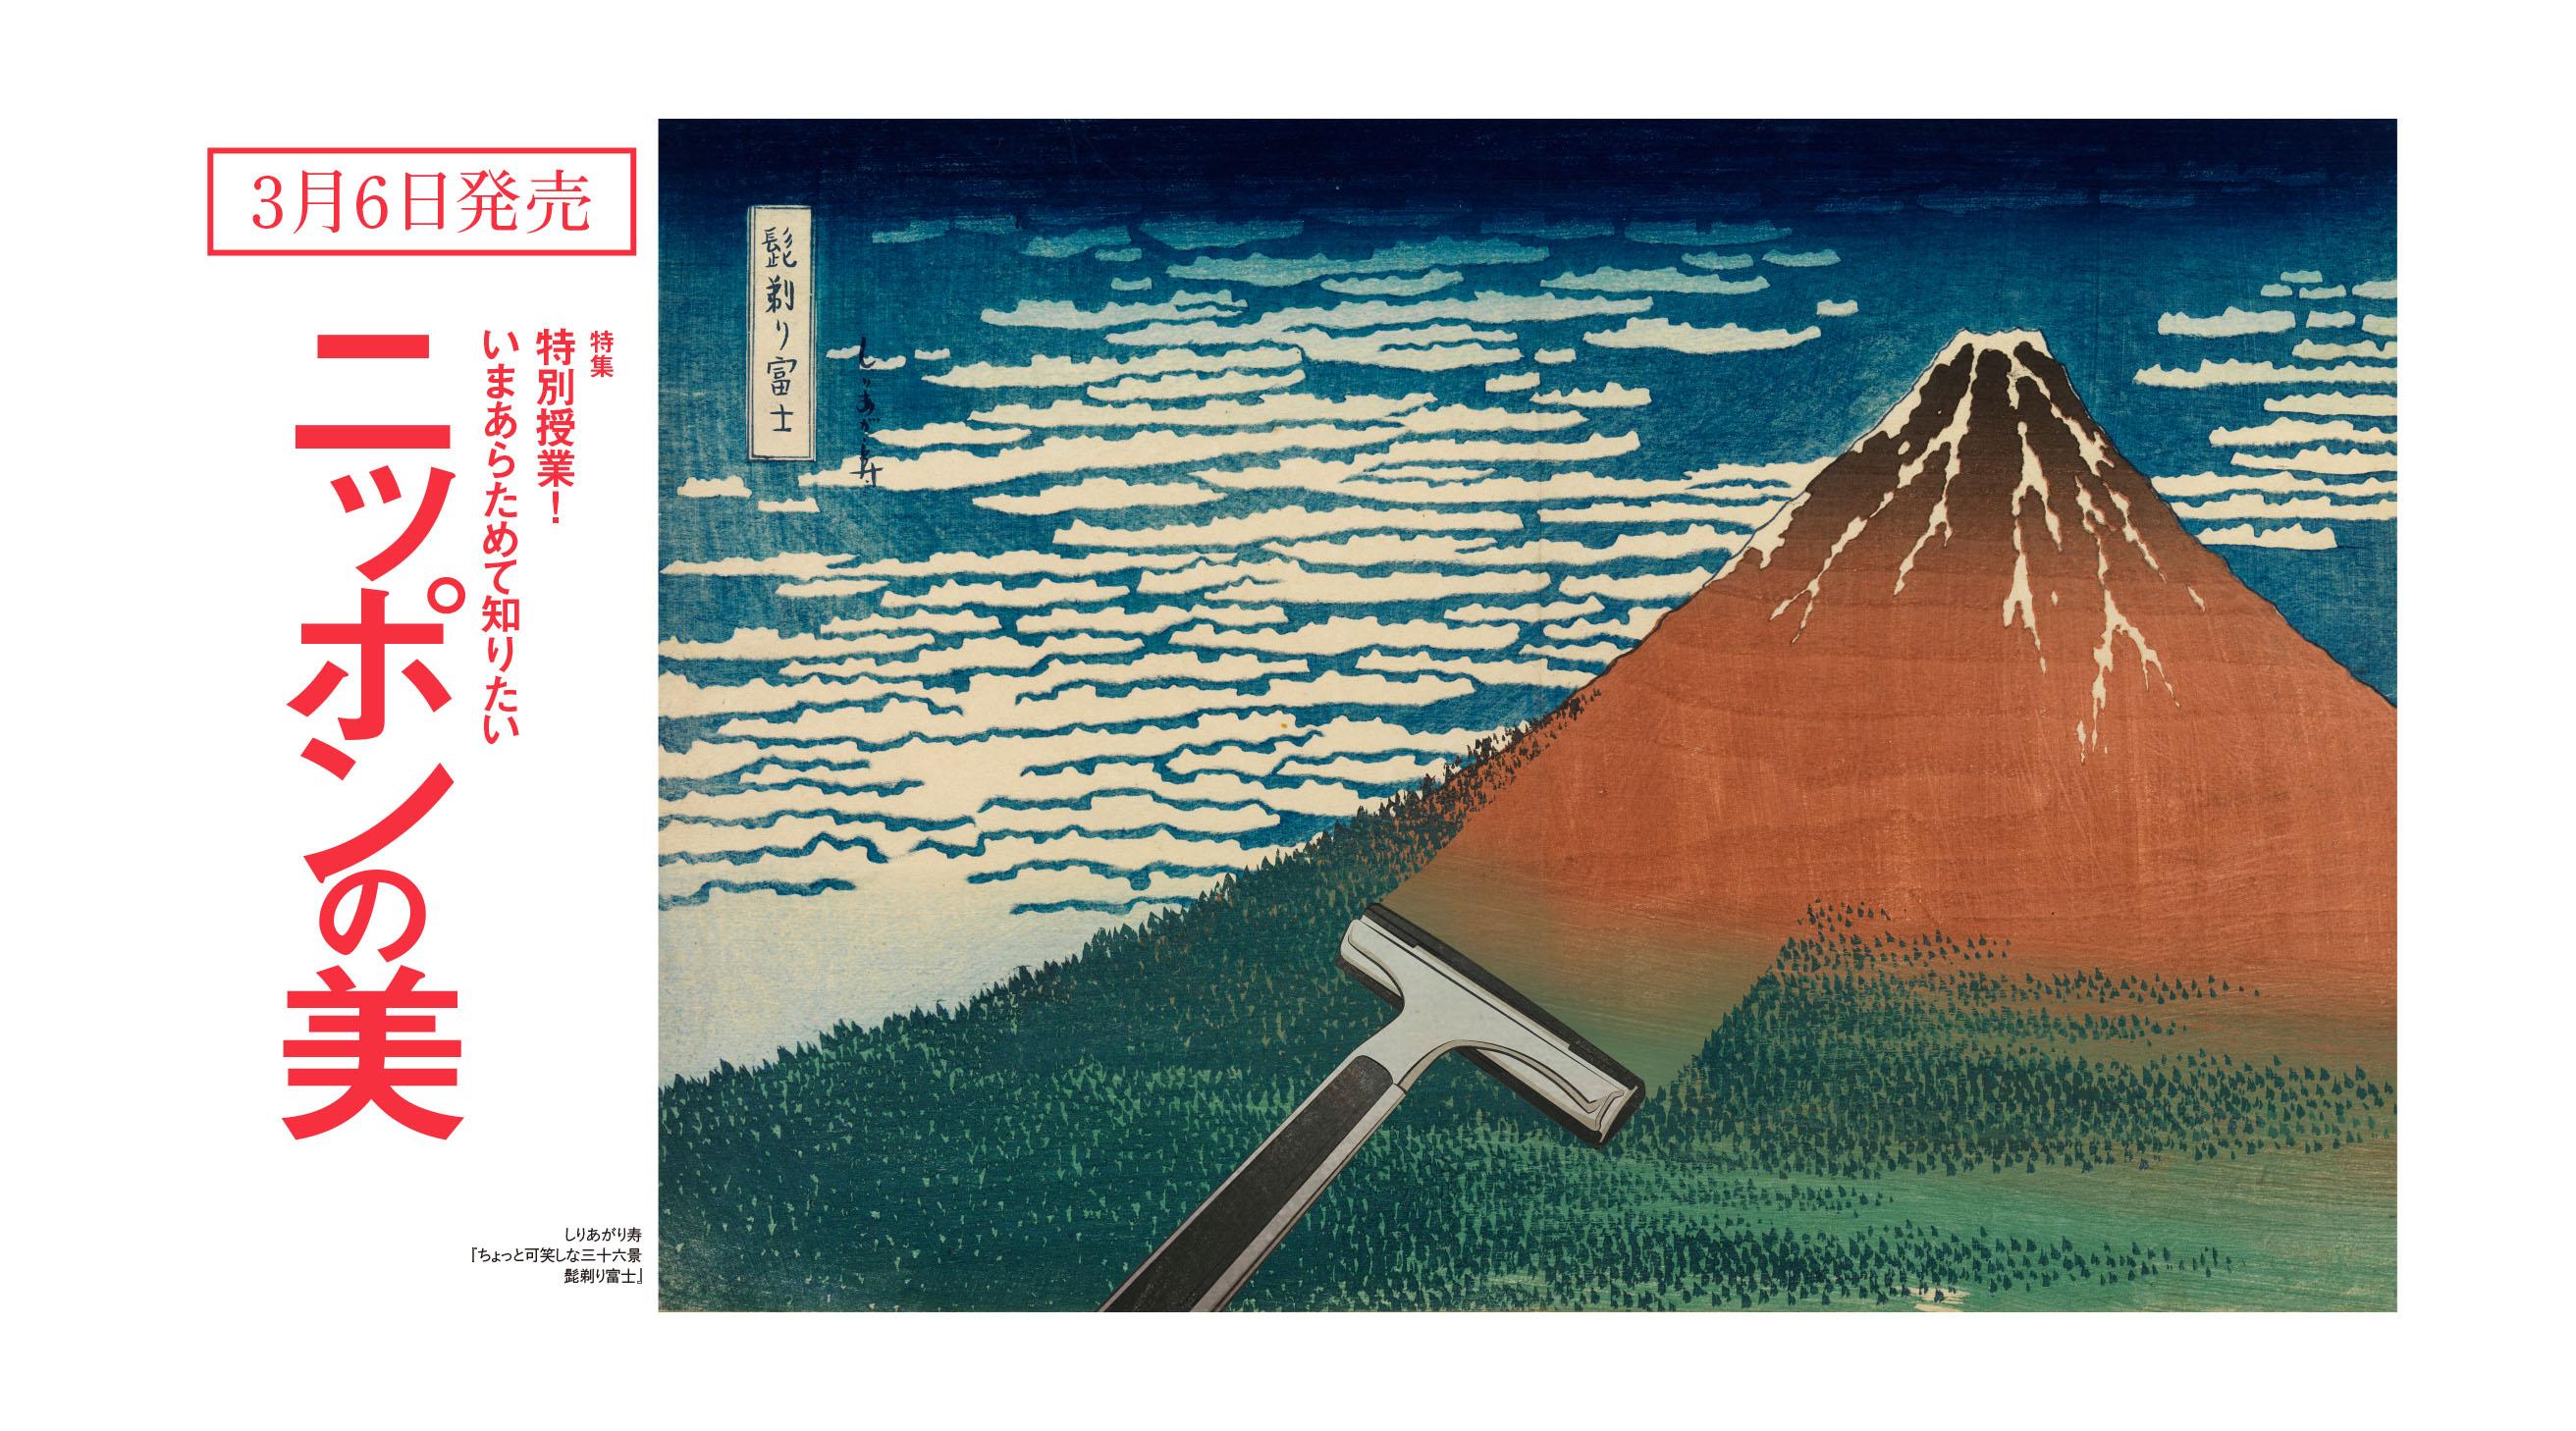 特集:いまあらためて知りたいニッポンの美<br/>【3/6発売】Discover Japan4月号